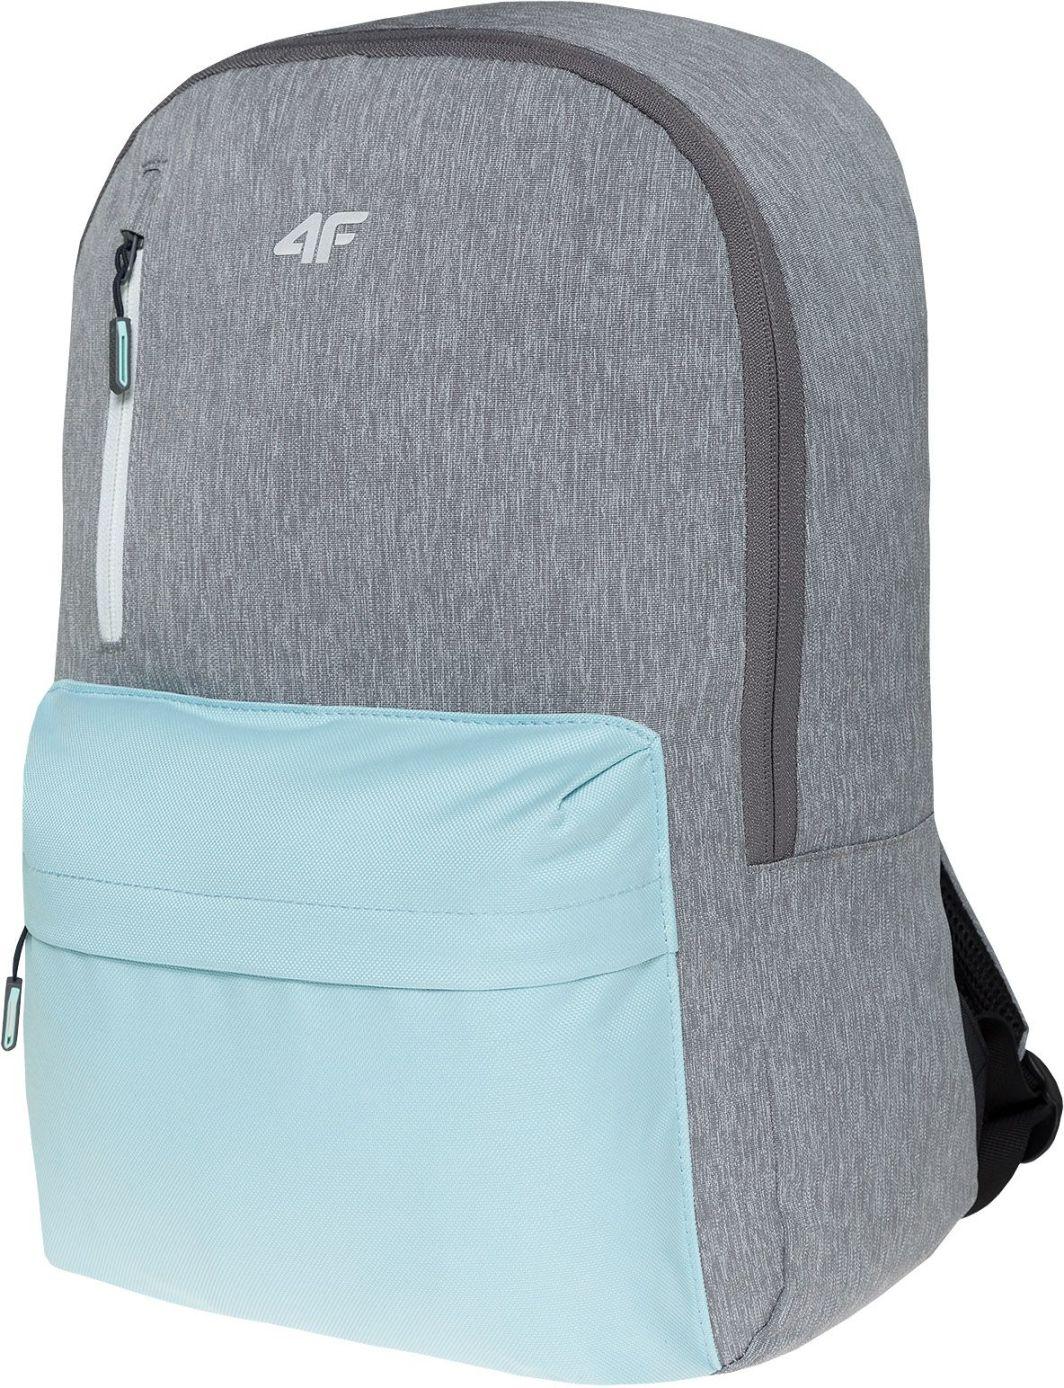 Plecak 4F 20L za 29 zł, także Adidas 20 L za 39 zł, i inne 2 rodzaje @presto